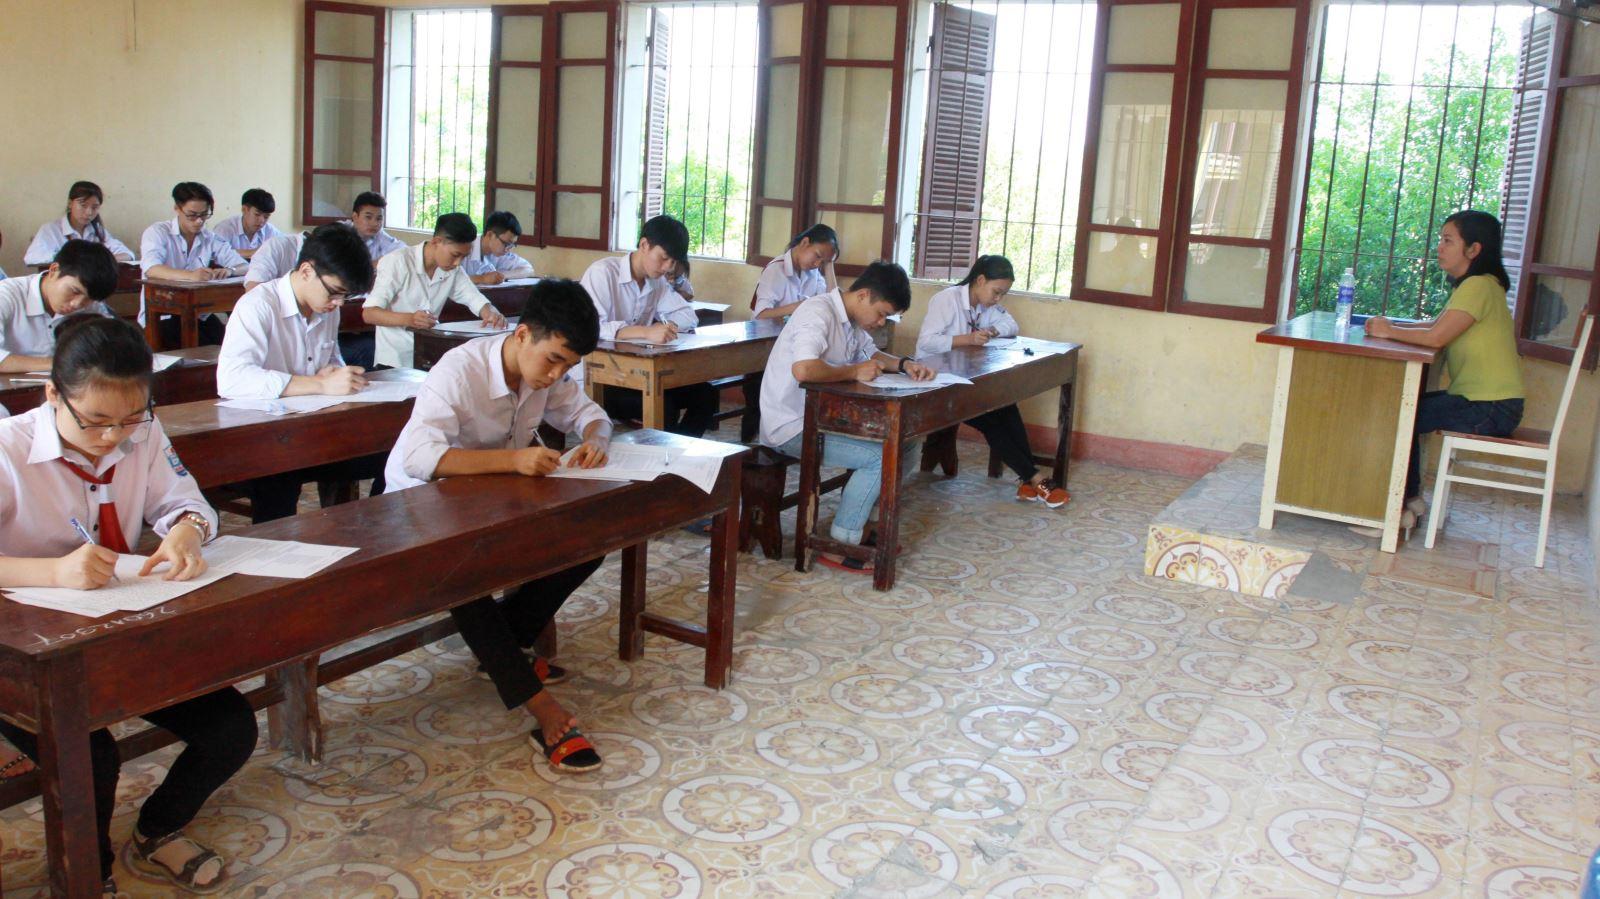 Bộ Giáo dục và Đào tạo công bố phổ điểm thi Trung học phổ thông quốc gia 2019